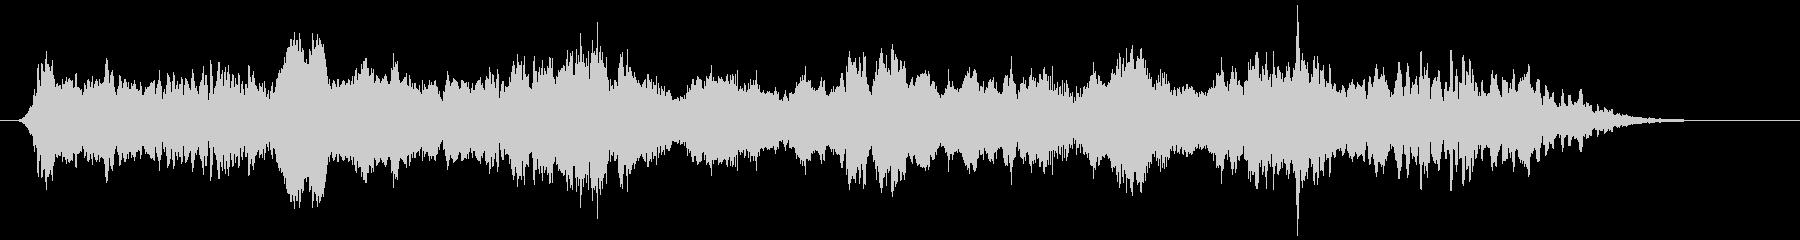 ホラー・サスペンス系軋み効果音2の未再生の波形